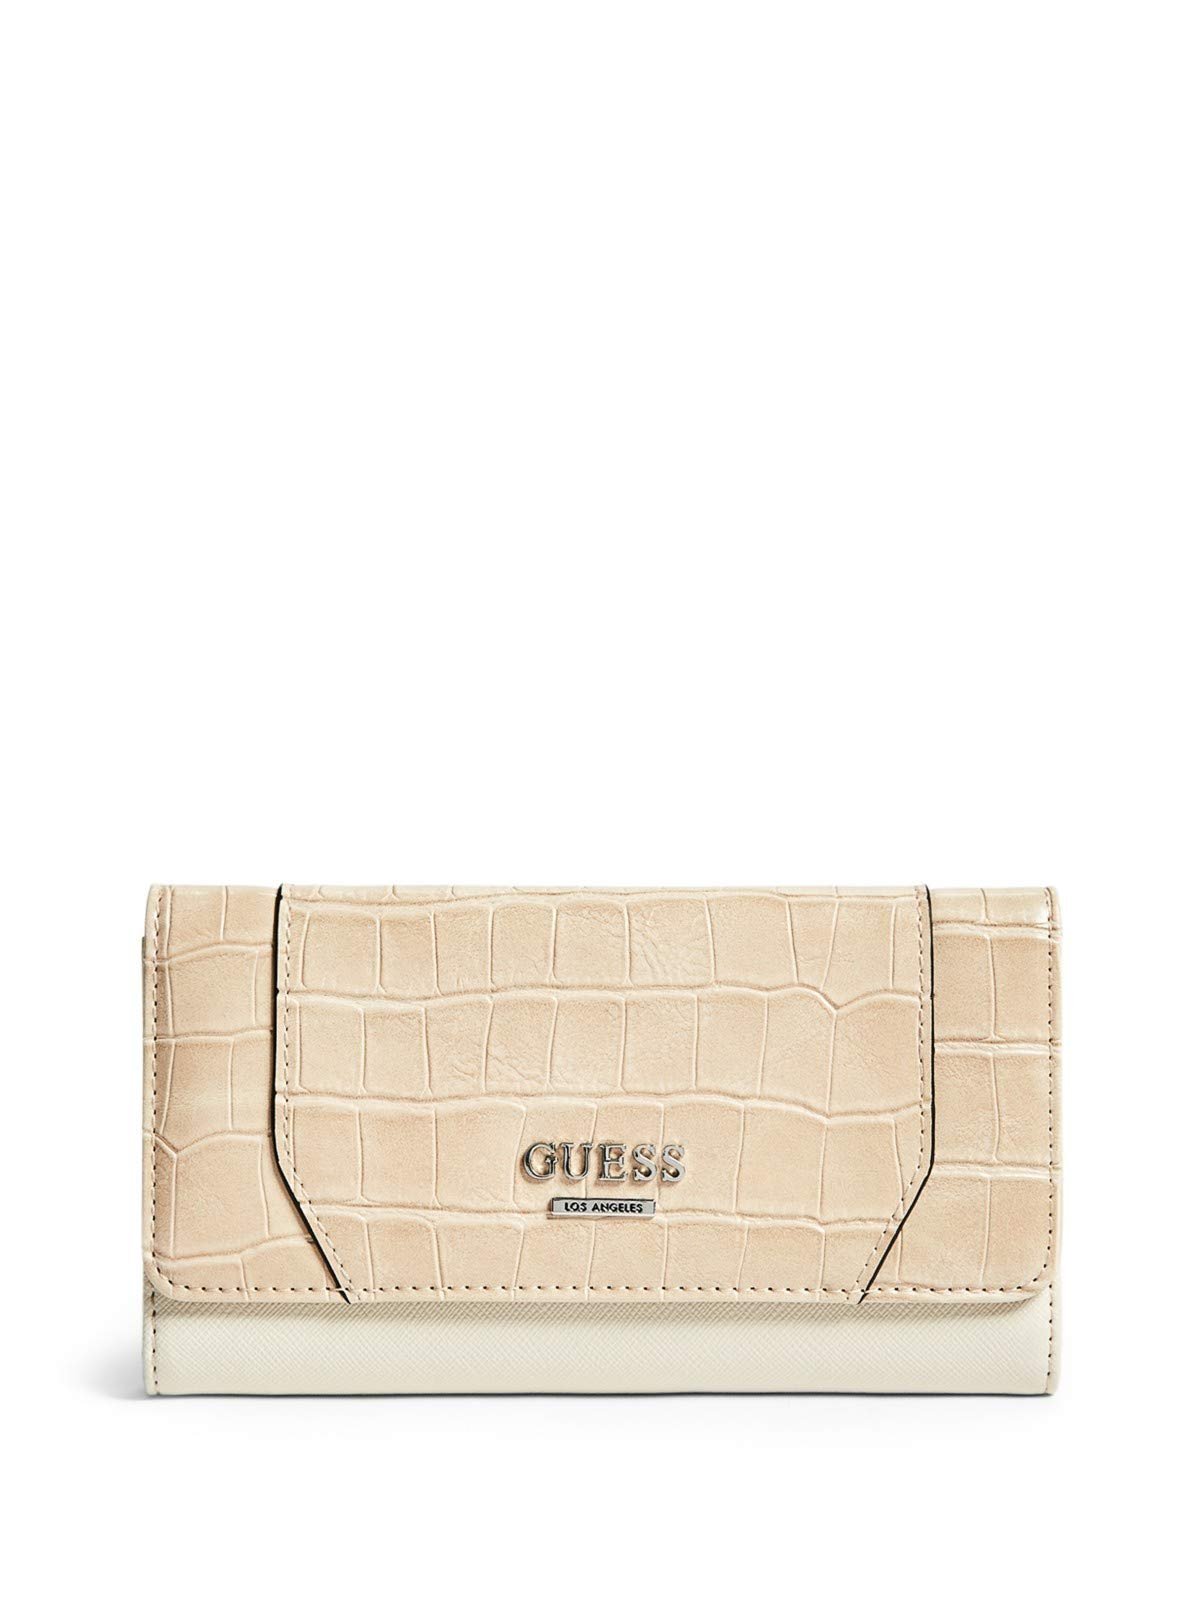 GUESS Factory Women's Lambert Slim Wallet